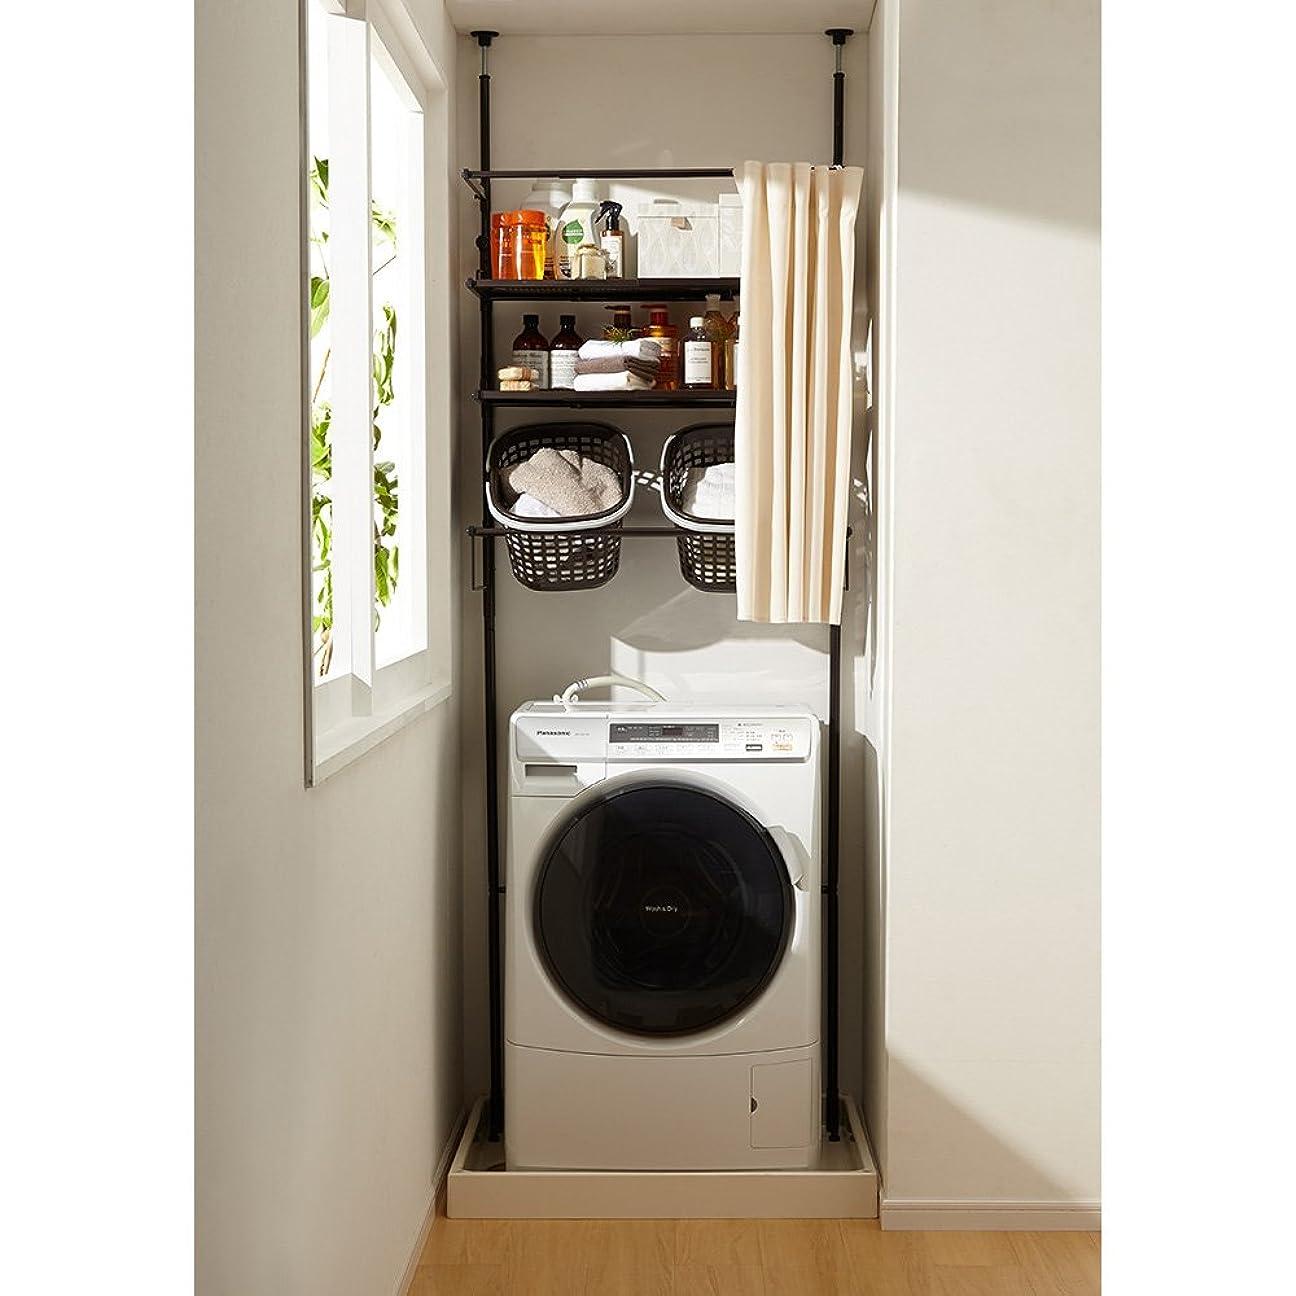 彫刻家組安全防水パンにおさまる。省スペース洗濯機ラック 標準タイプ?棚2段バスケット2個?カーテン付き 661004(サイズはありません イ:ダークブラウン)